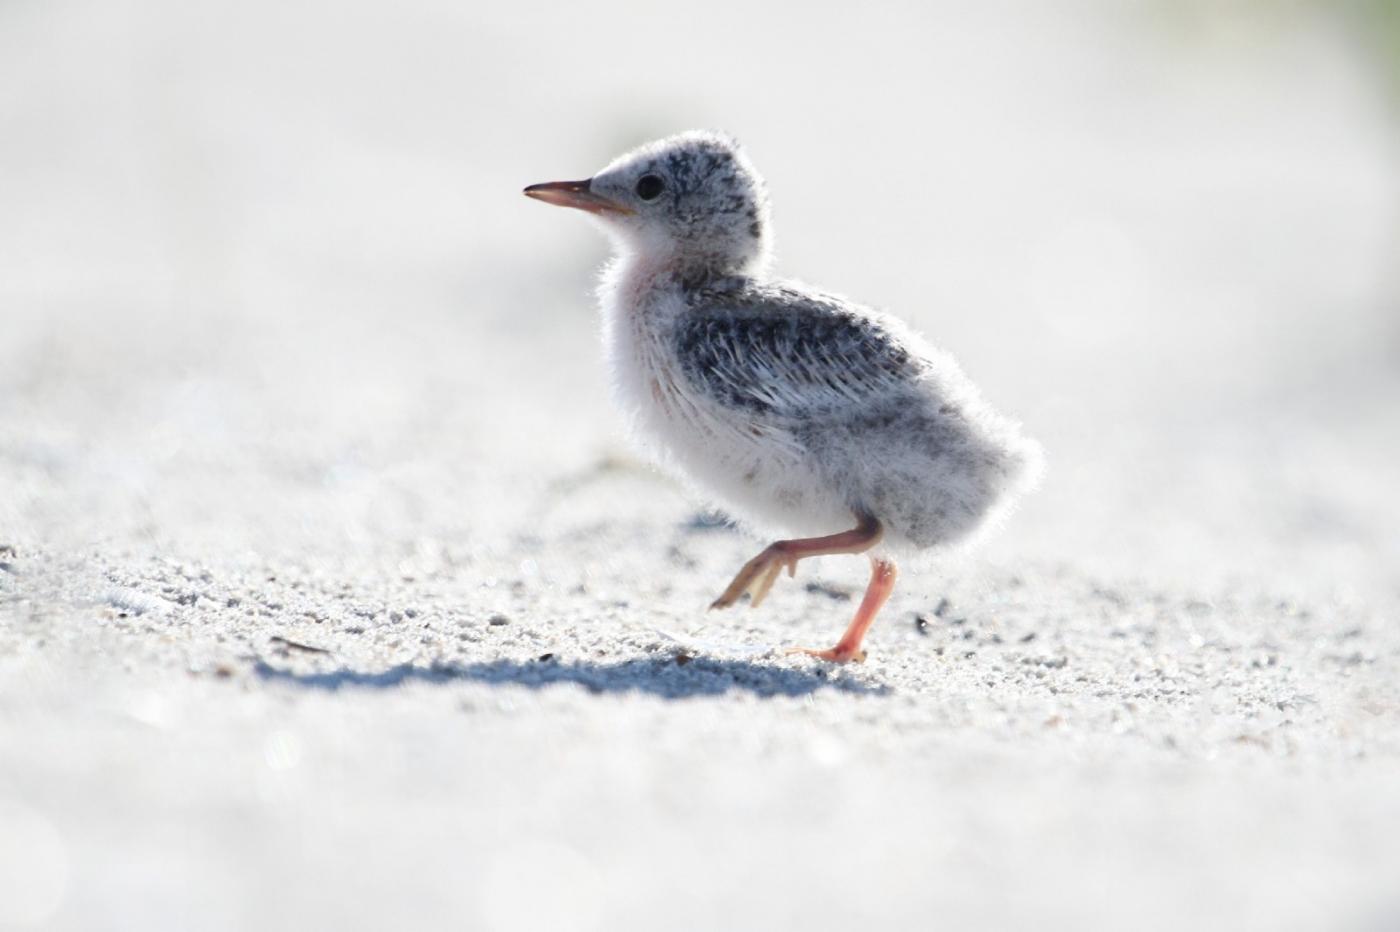 【田螺摄影】黄嘴燕鸥整个出生成长的过程_图1-6